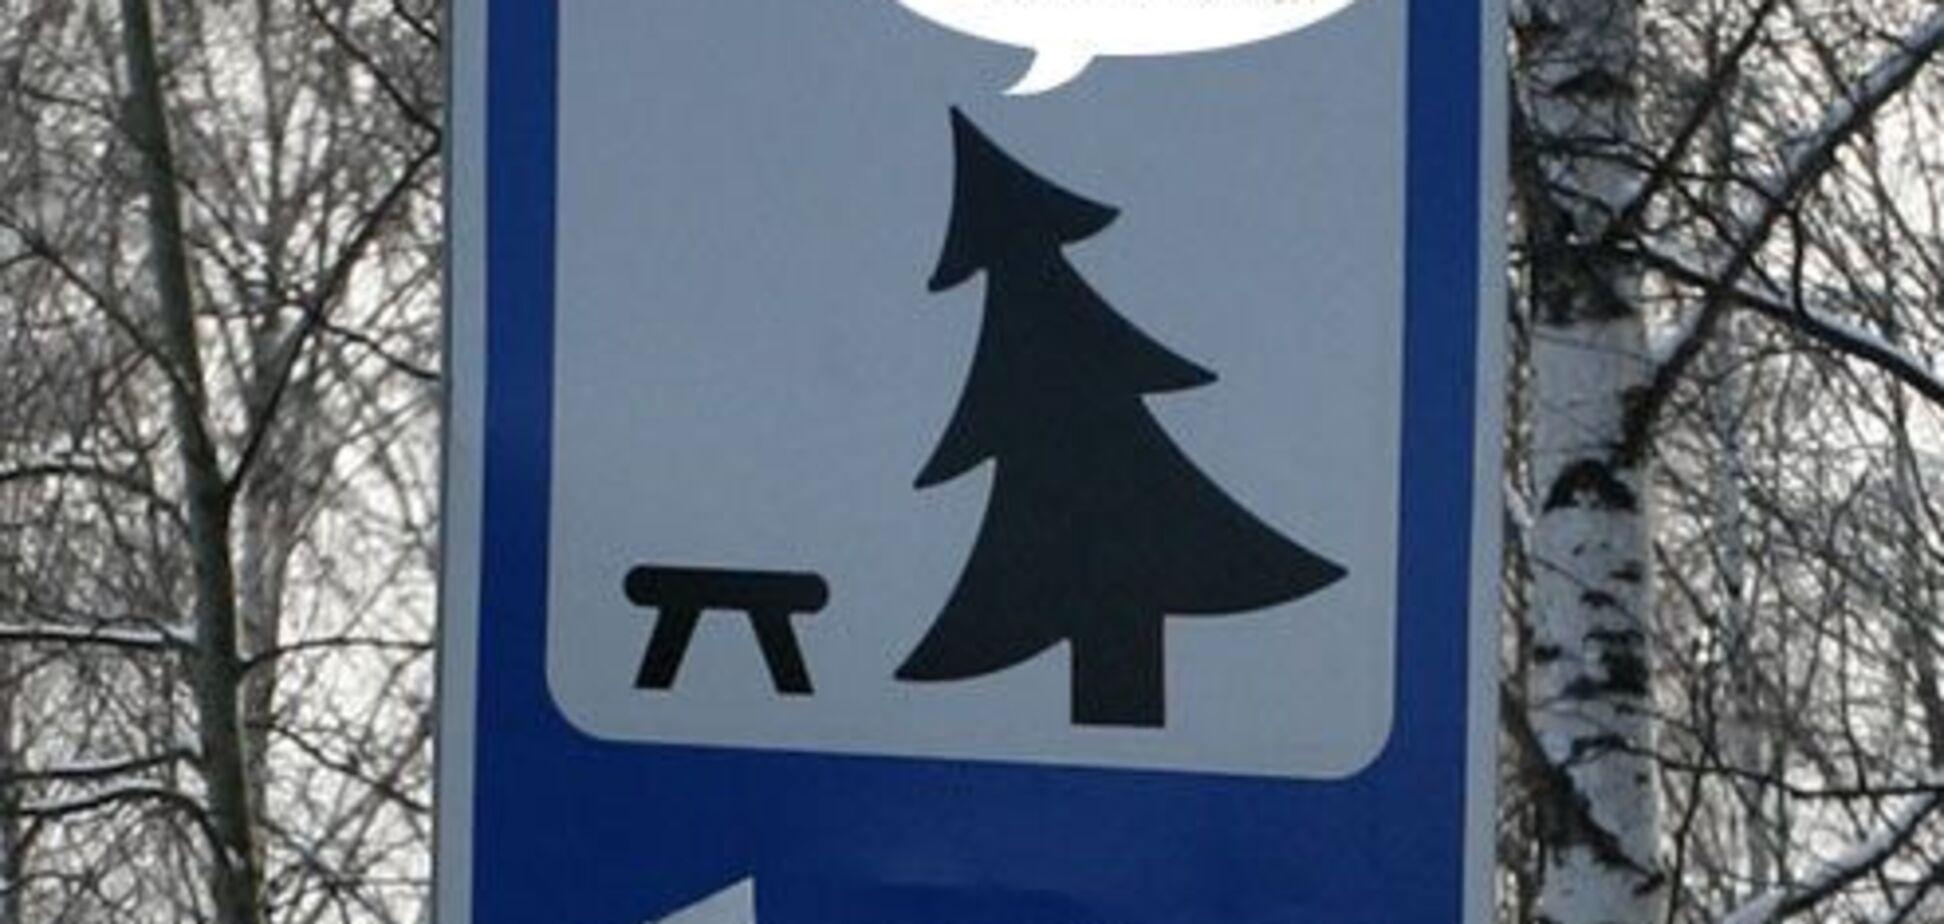 Мій улюблений дорожній знак - 7.11 'Місце відпочинку'